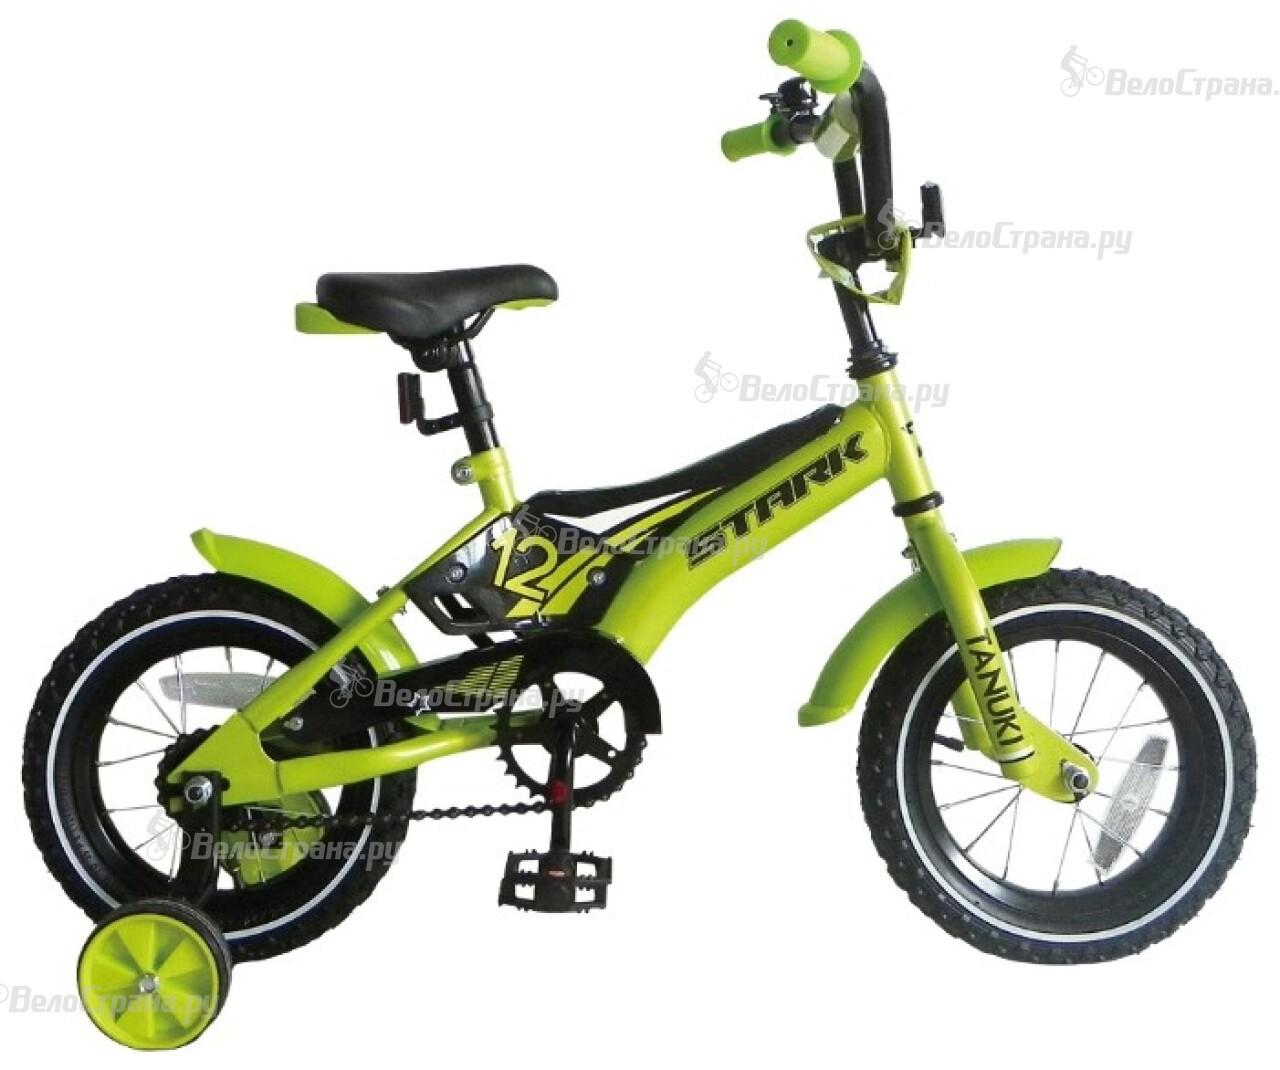 Велосипед Stark Tanuki 12 Boy (2015) велосипед stark tanuki 14 boy 2017